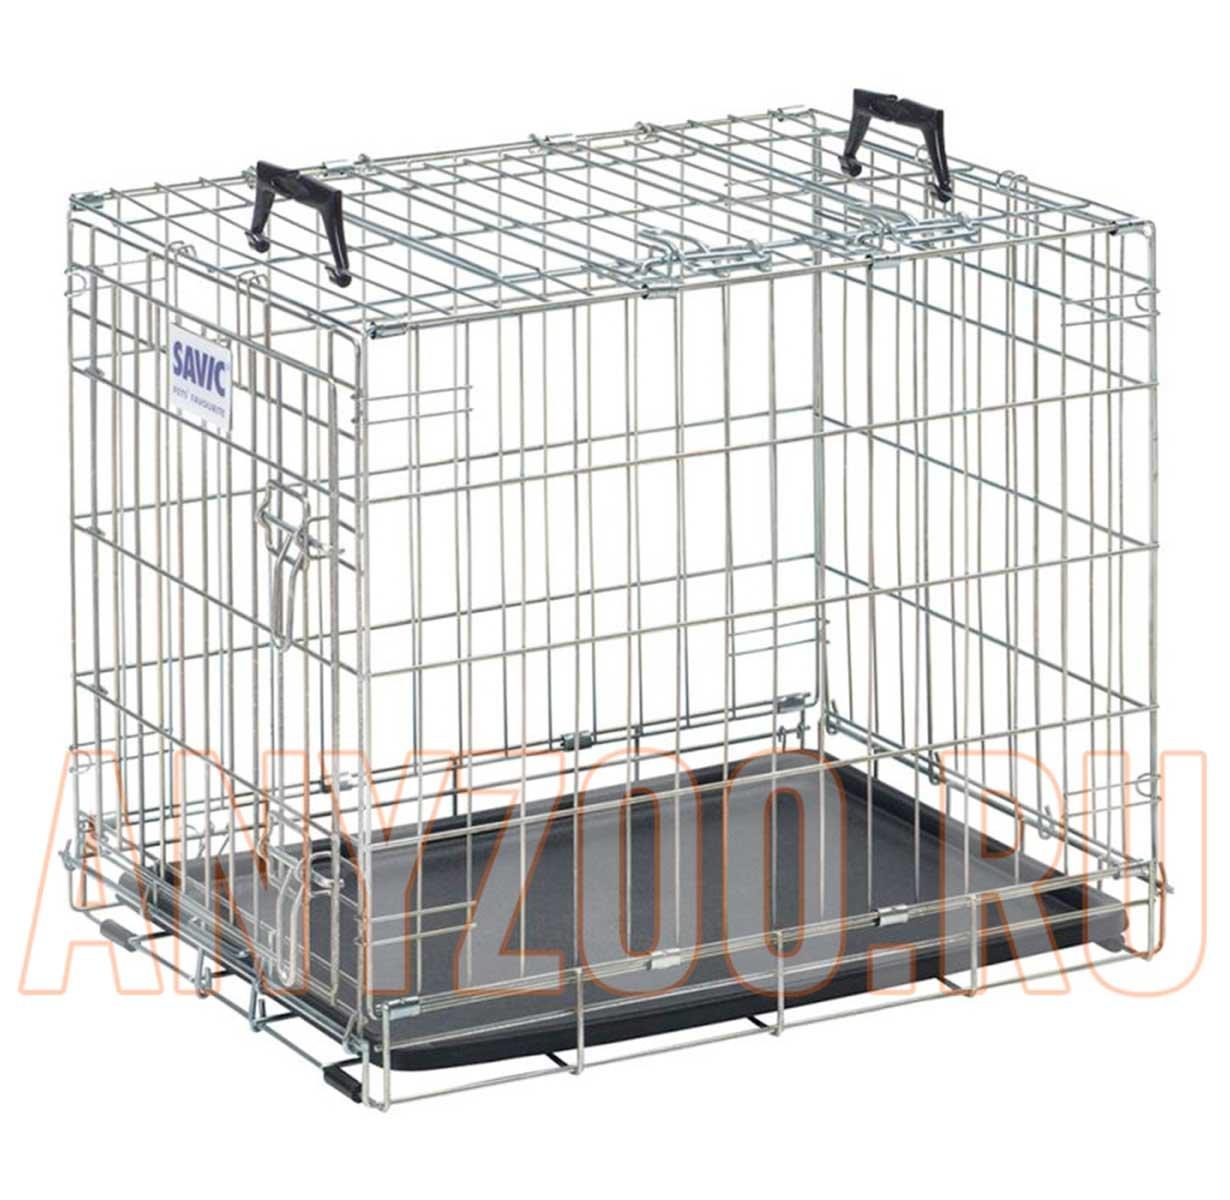 Savic Клетка для транспортировки животных, хром 91*57*62см ( Савик клетки и вольеры для собак )